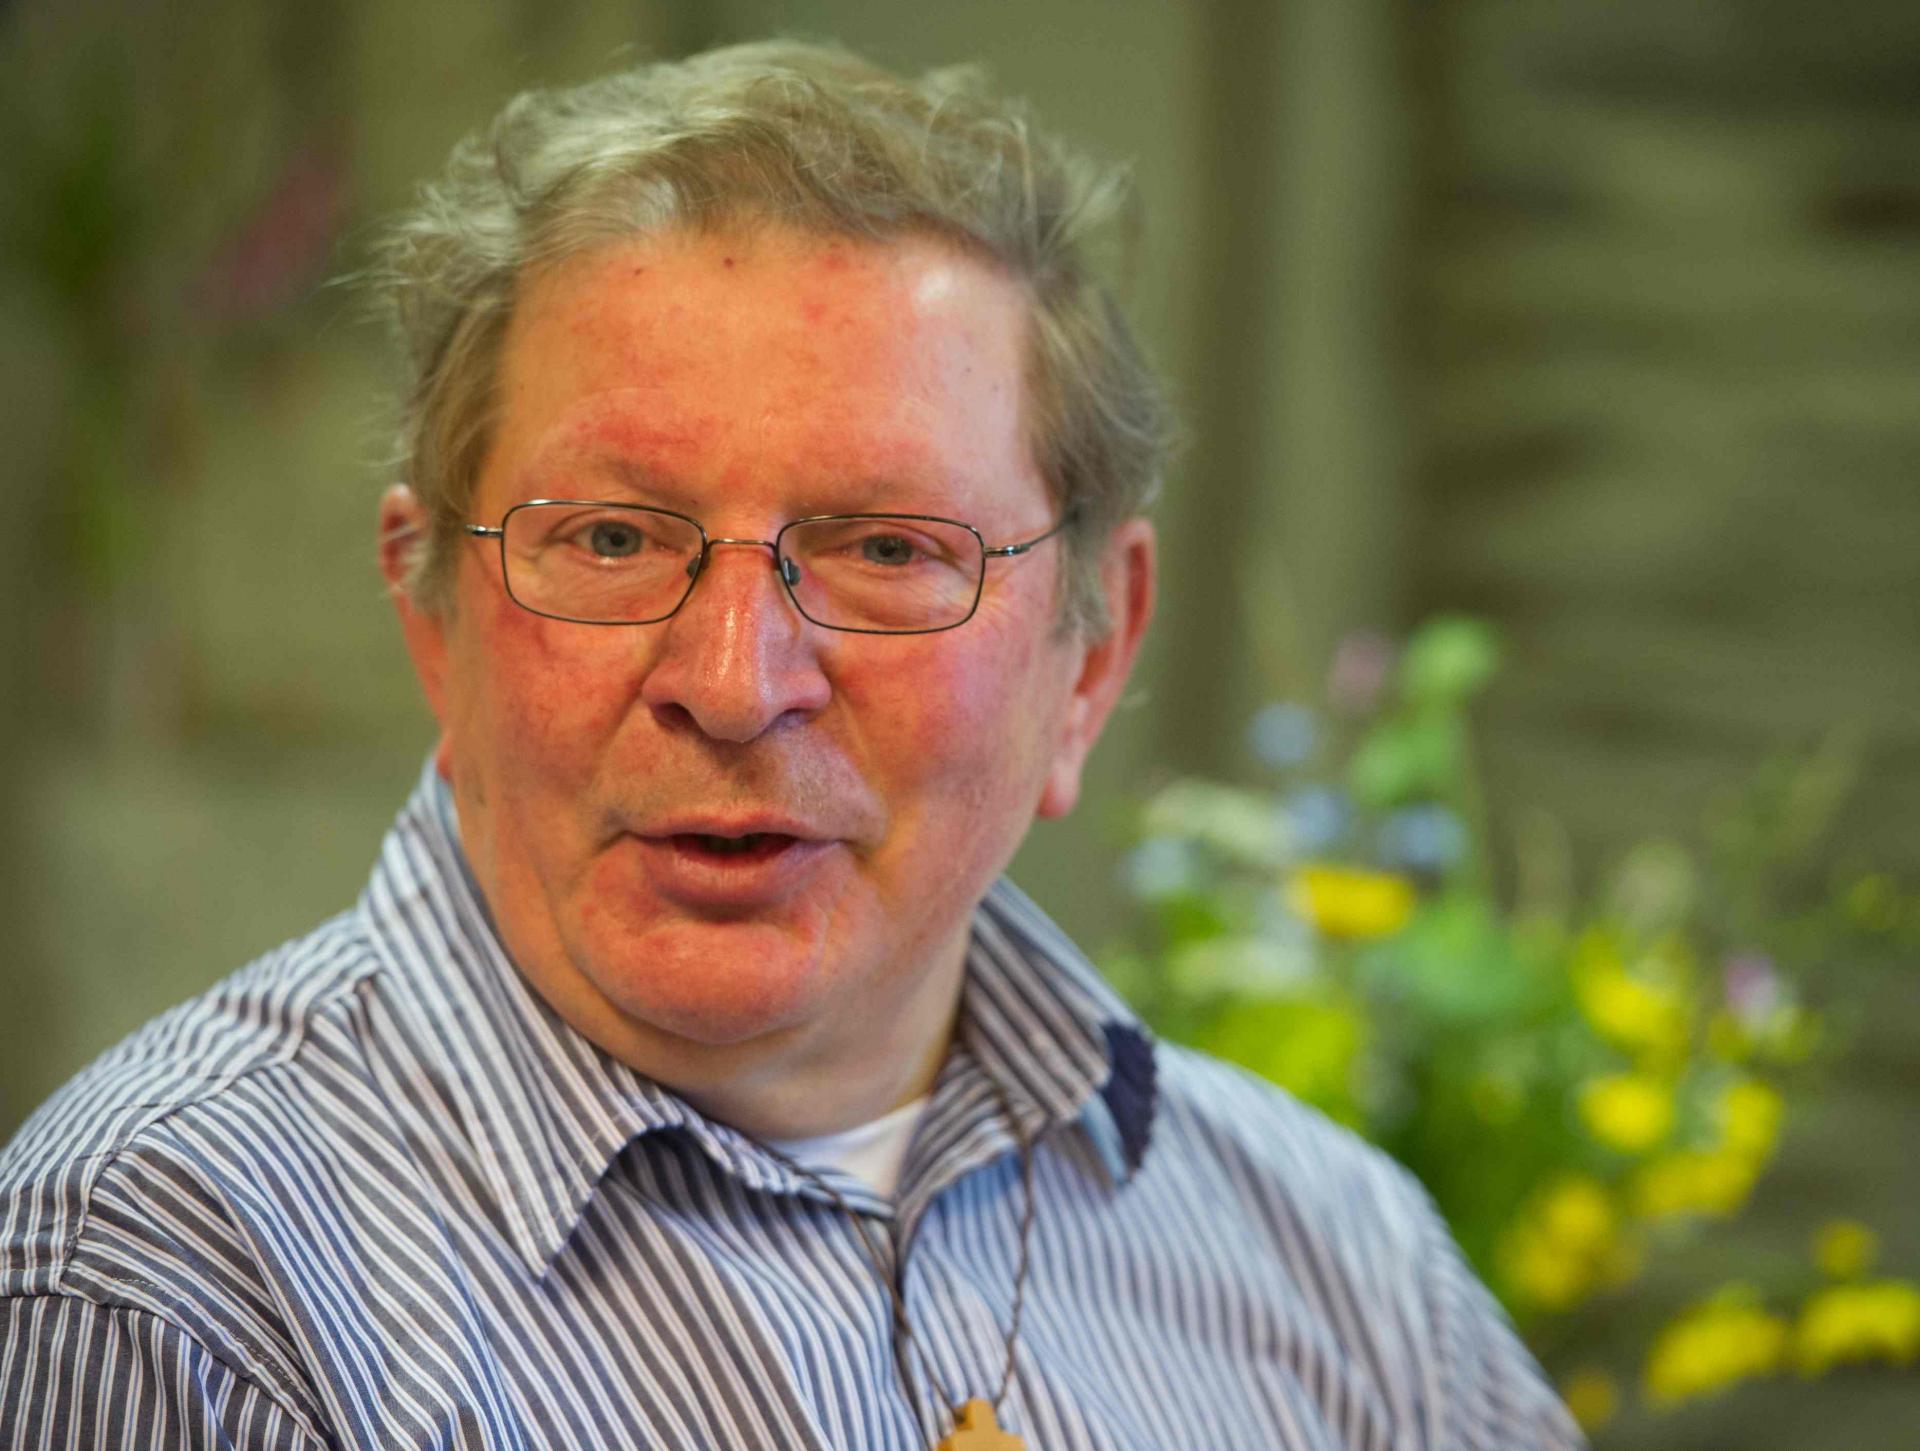 Roger kauffmann